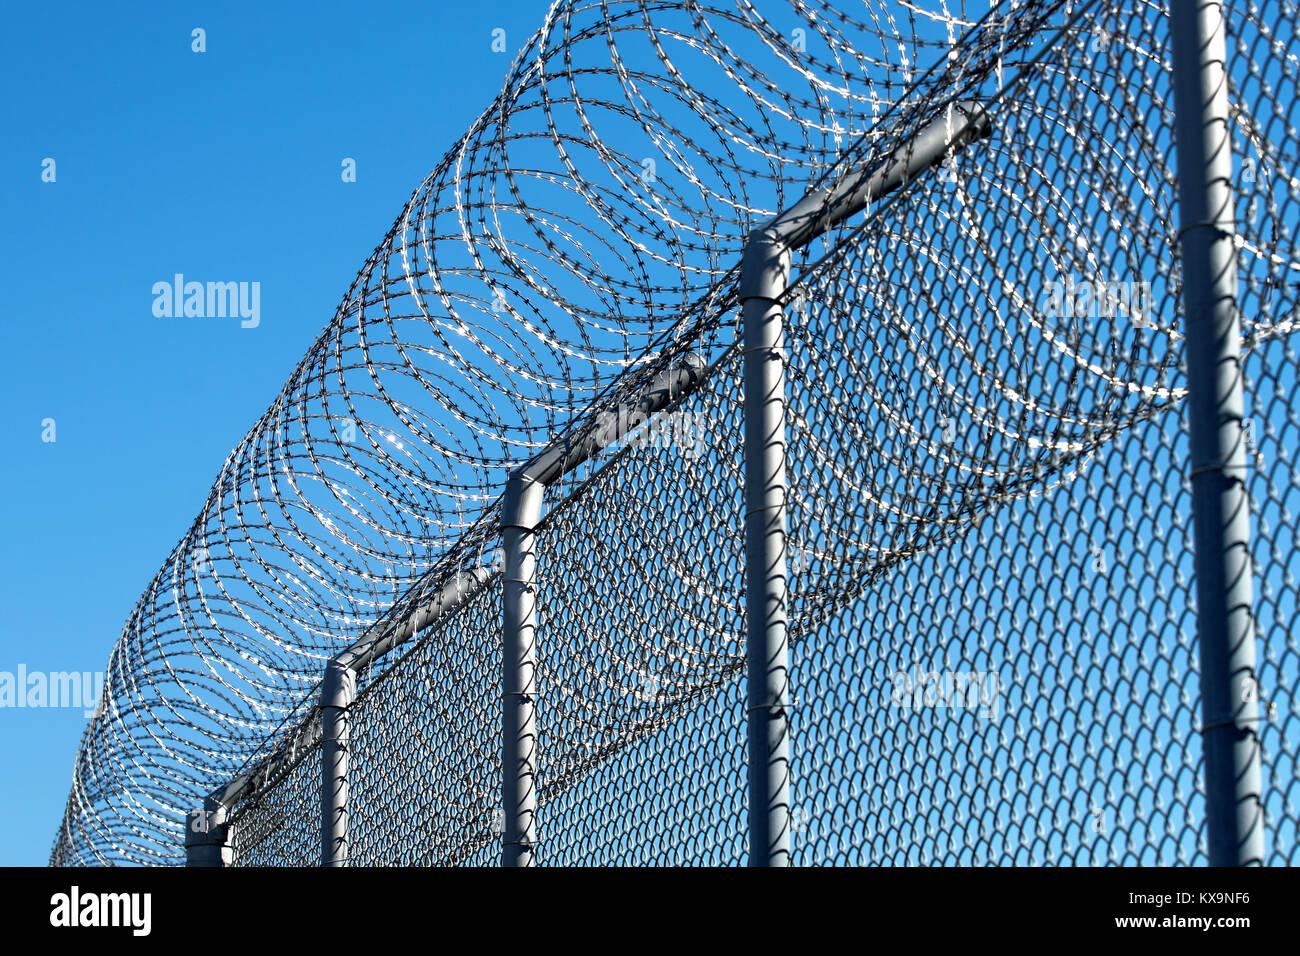 Jail Inmate News Stock Photos & Jail Inmate News Stock Images - Alamy